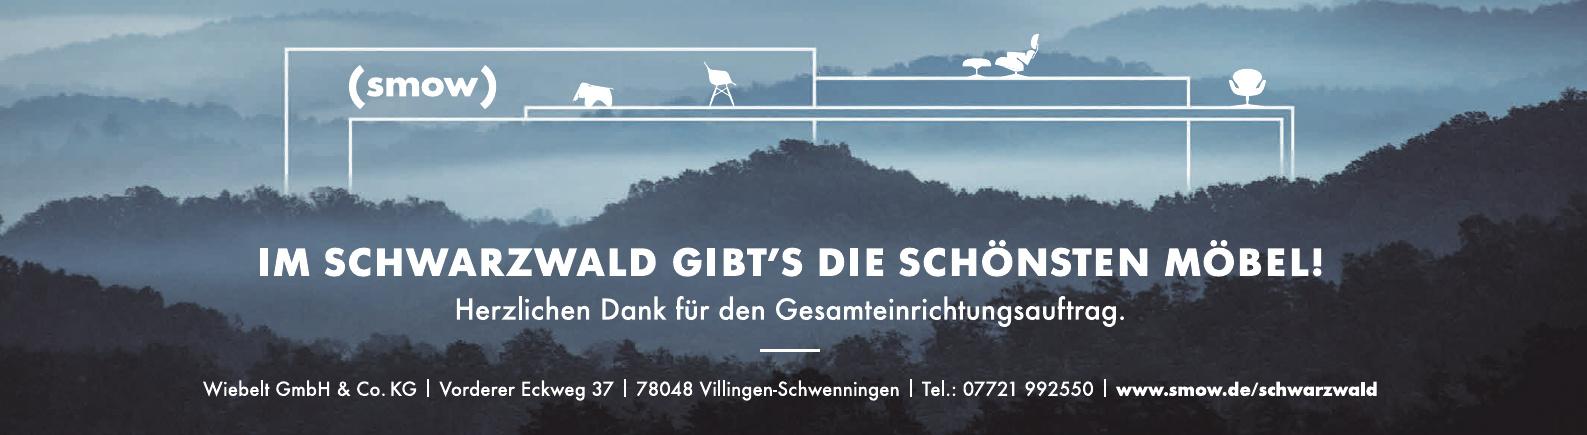 Wiebelt GmbH & Co. KG